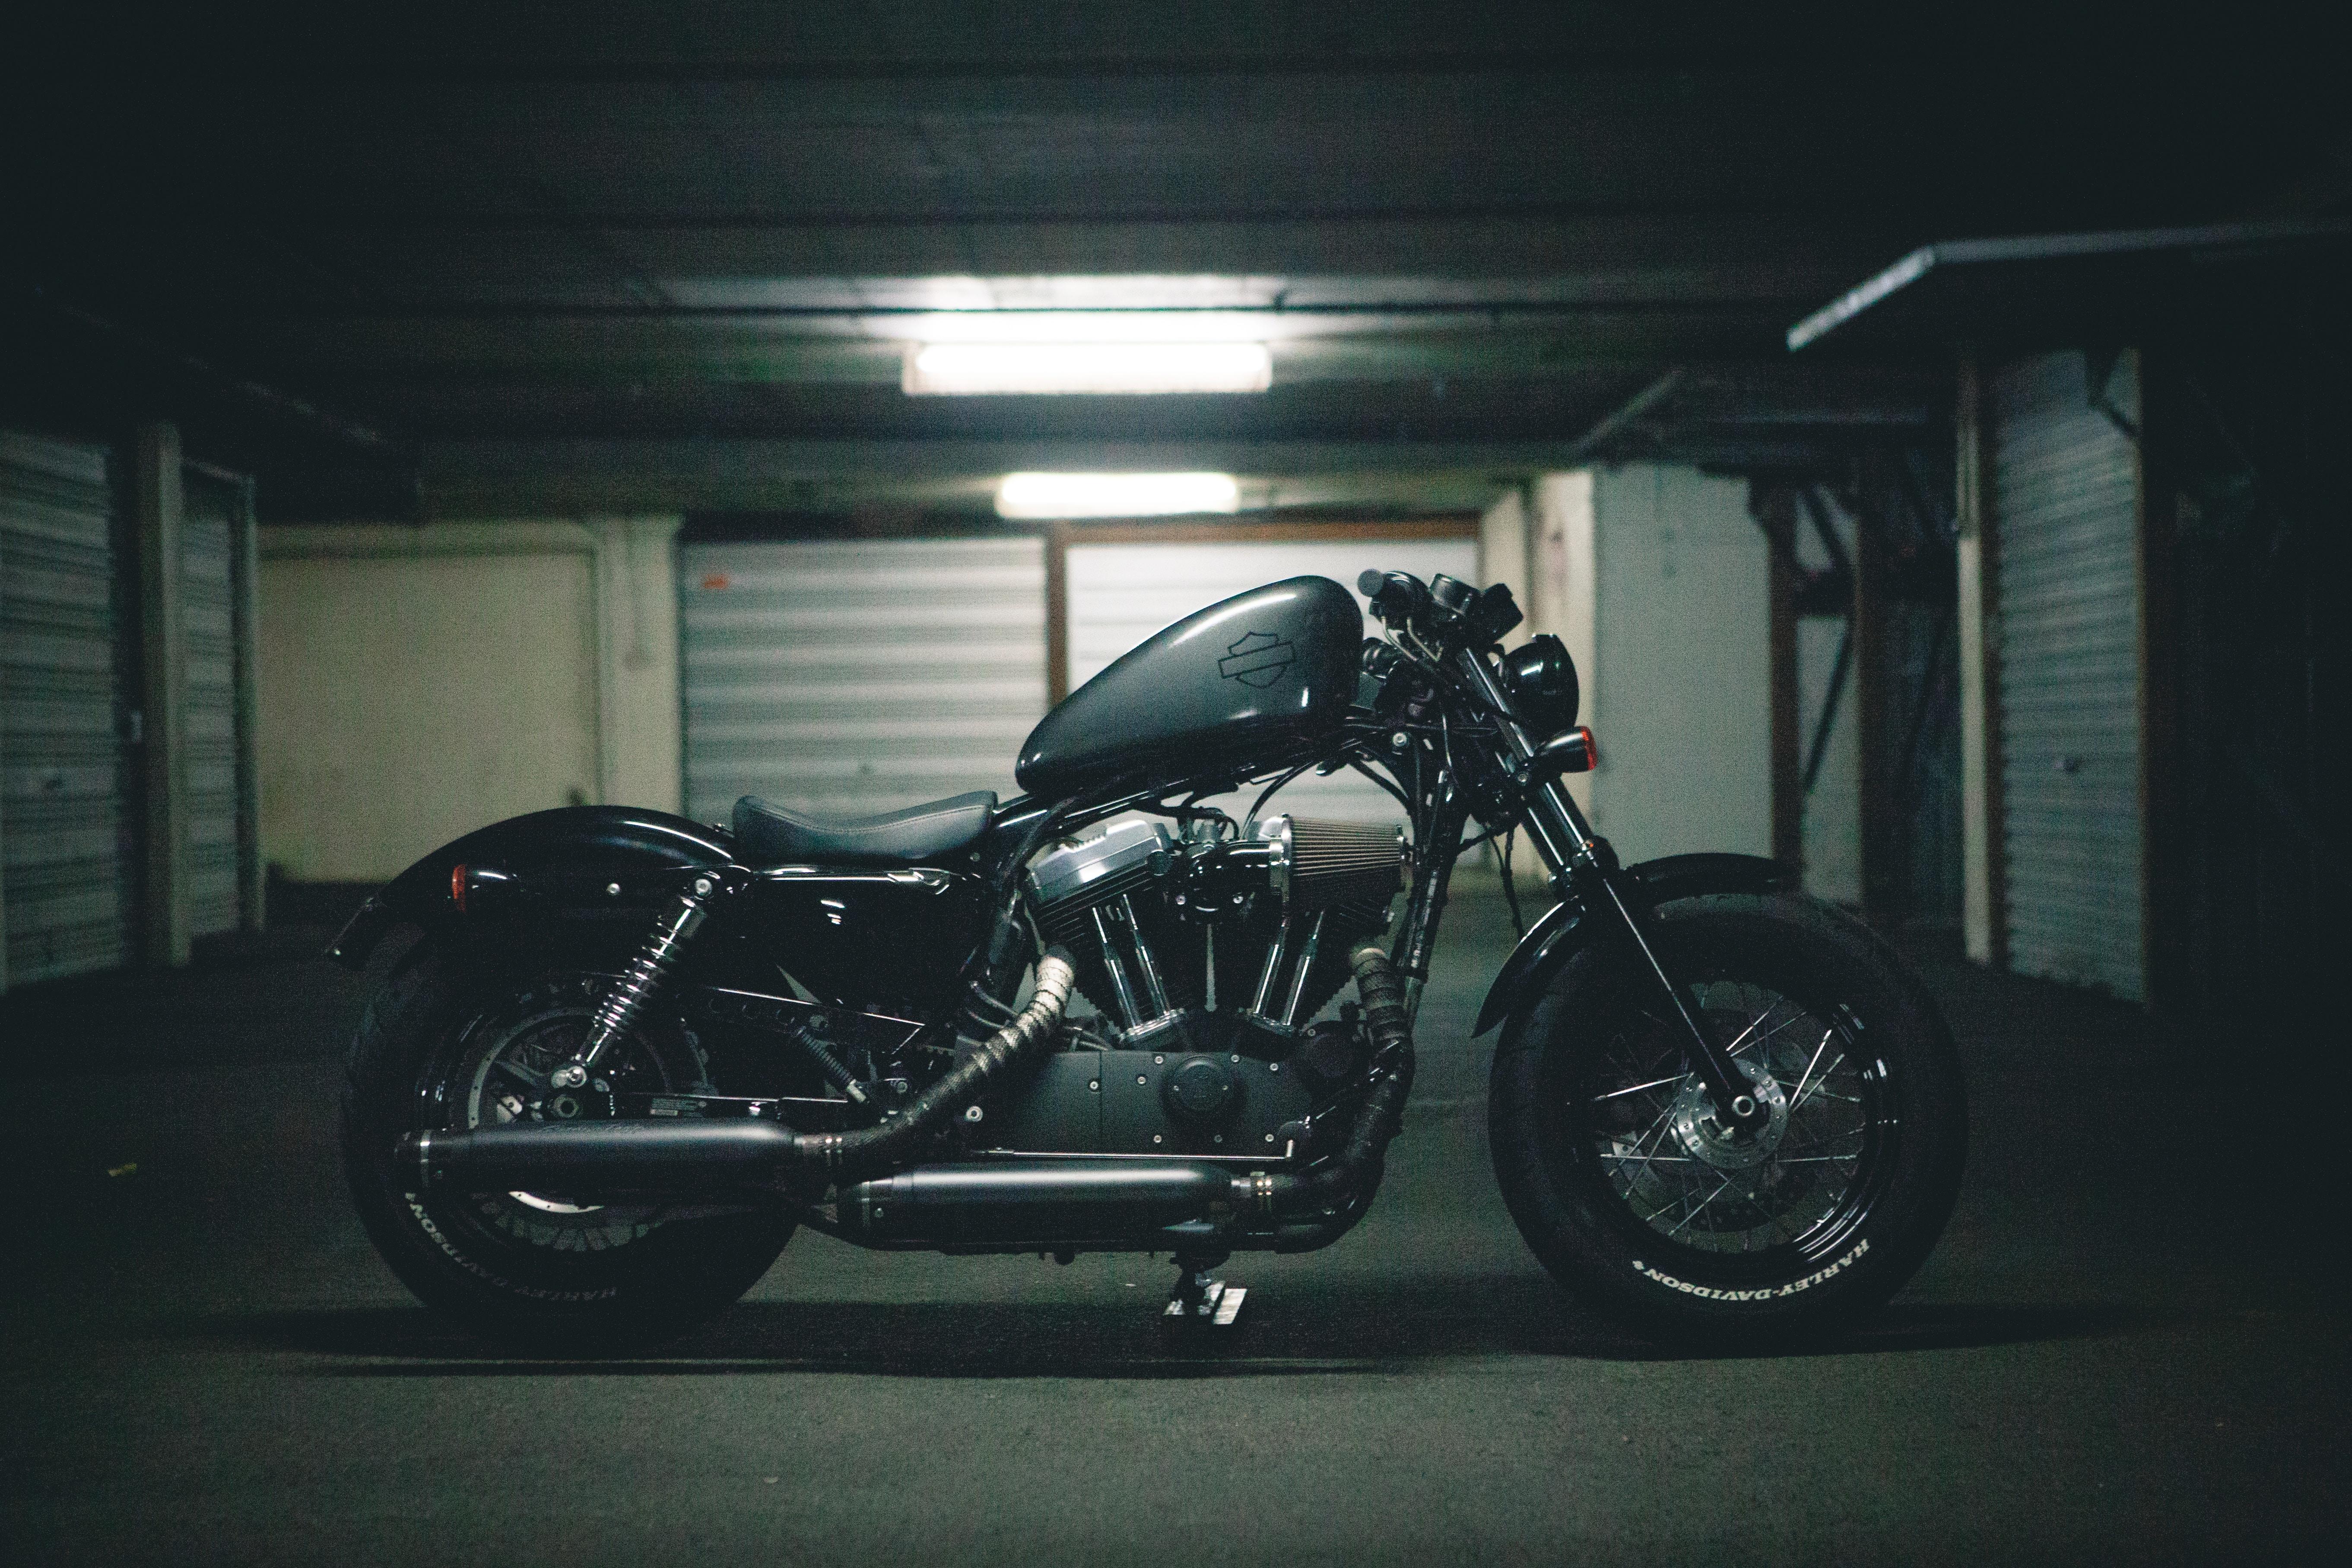 black bobber motorcycle inside garage